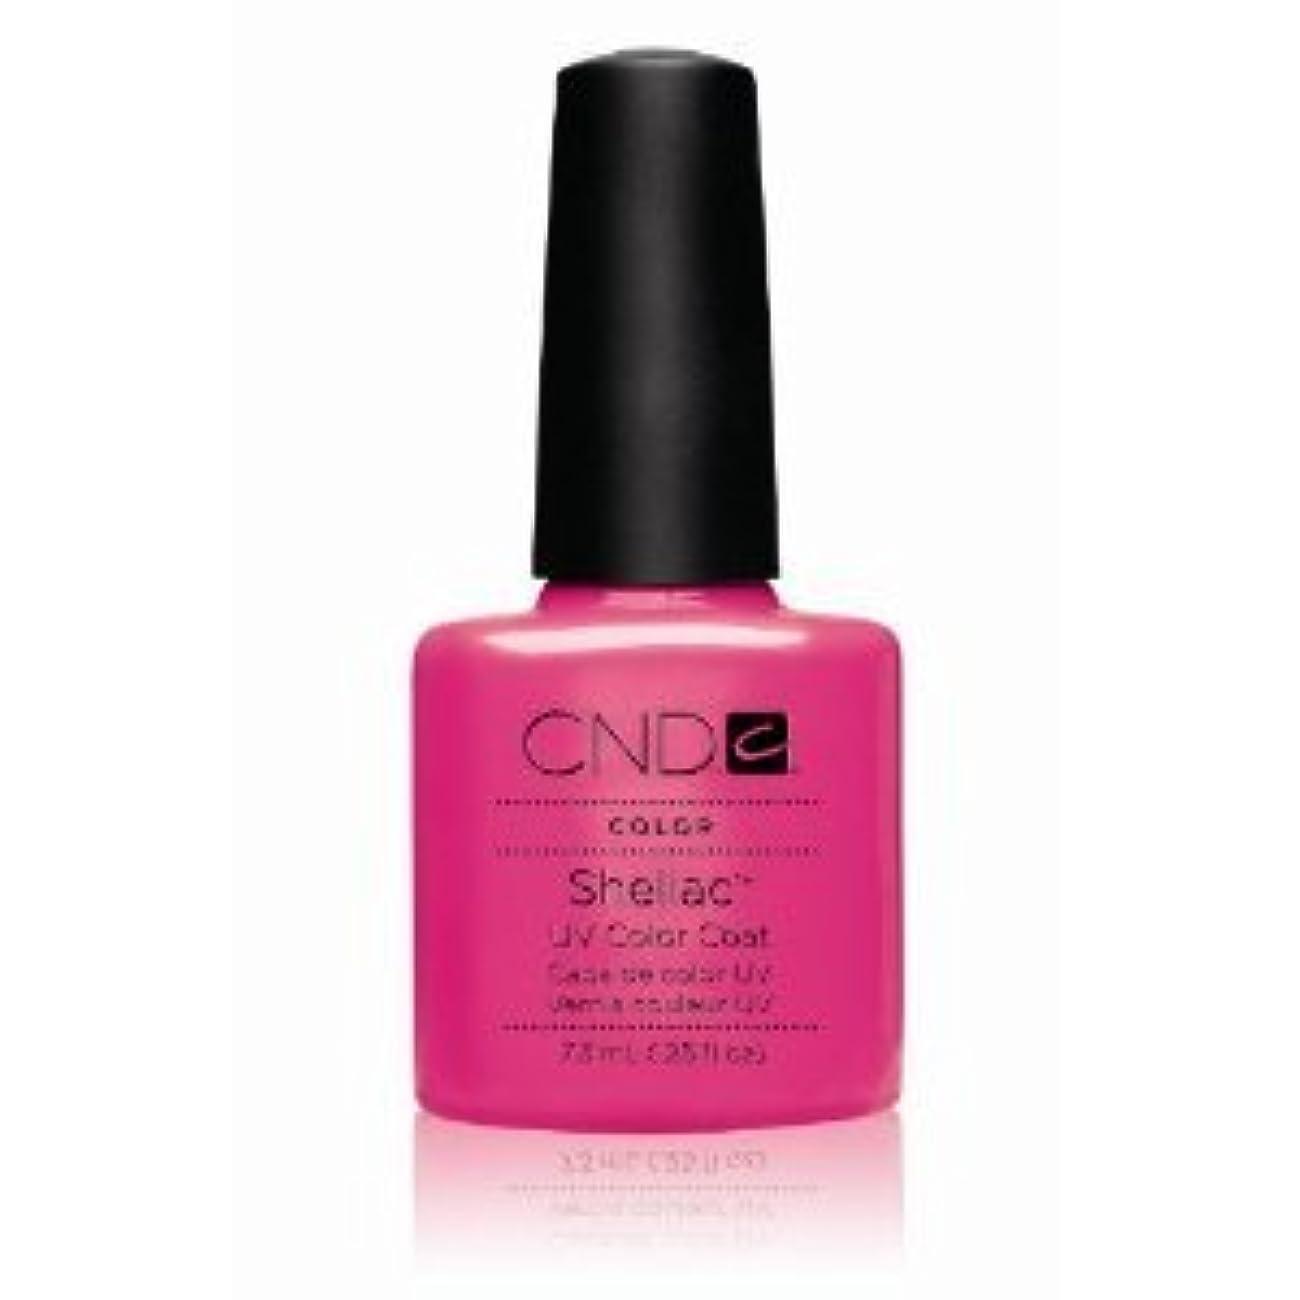 自発的偏見水分CND(シーエヌディー) シェラック UVカラーコート7.3mL 519 Hot Pop Pink(マット) [並行輸入][海外直送品]